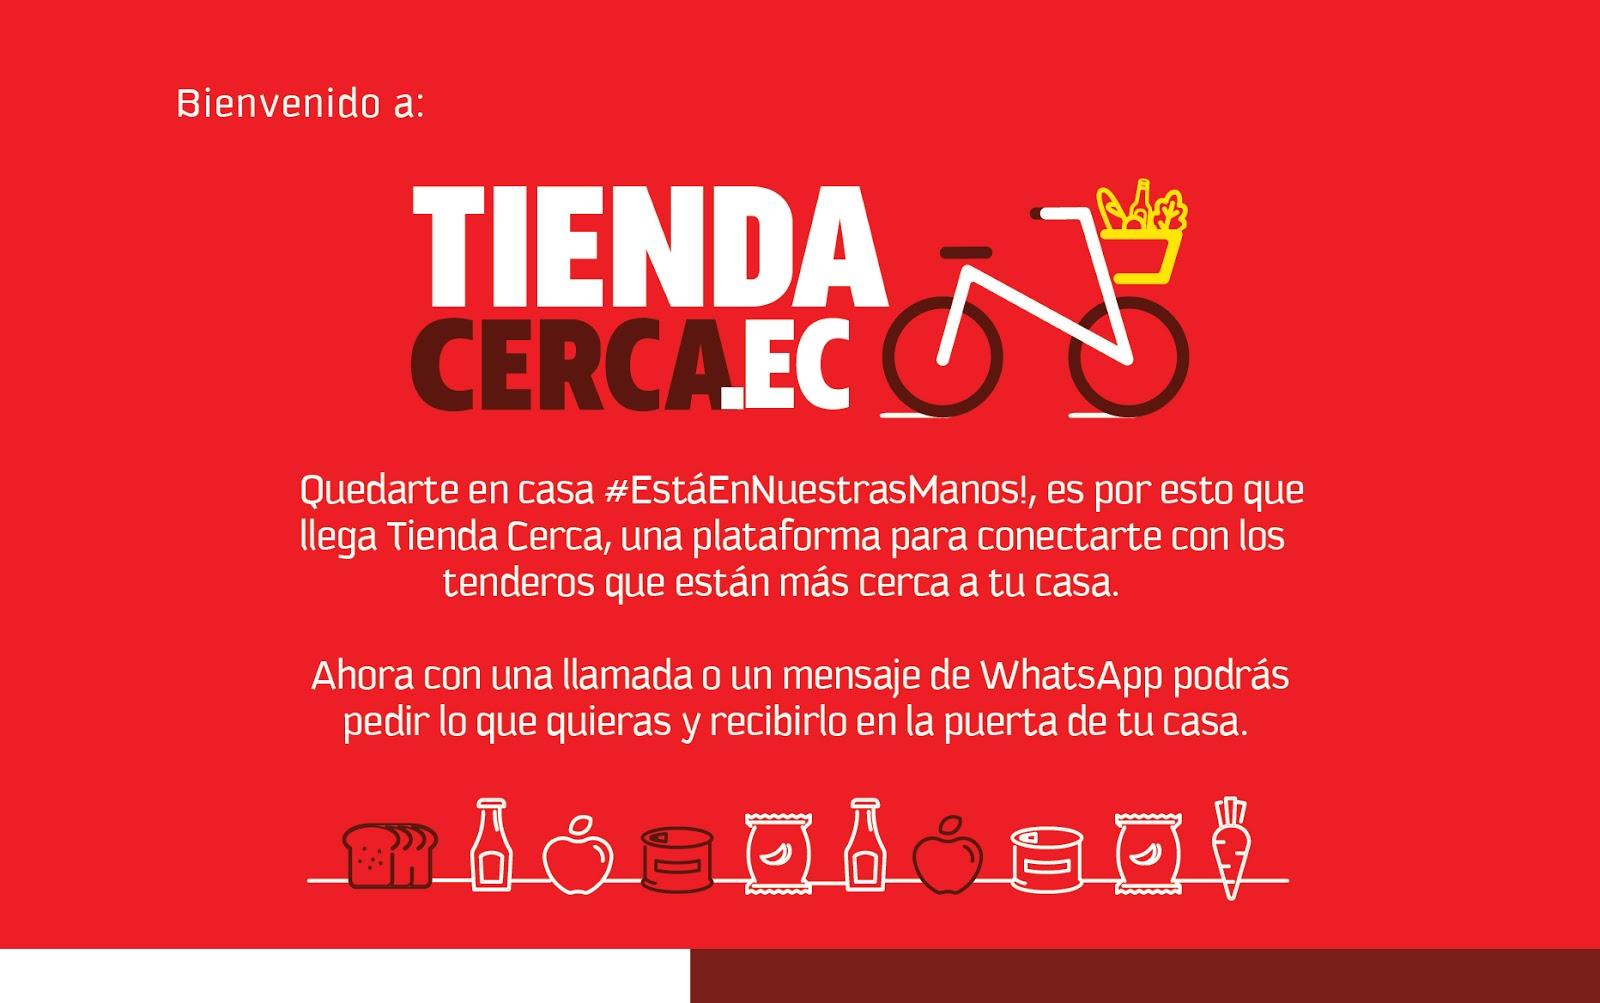 Gobierno Nacional y empresa privada lanzan programa de abastecimiento sostenible para tiendas de barrio y familias ecuatorianas